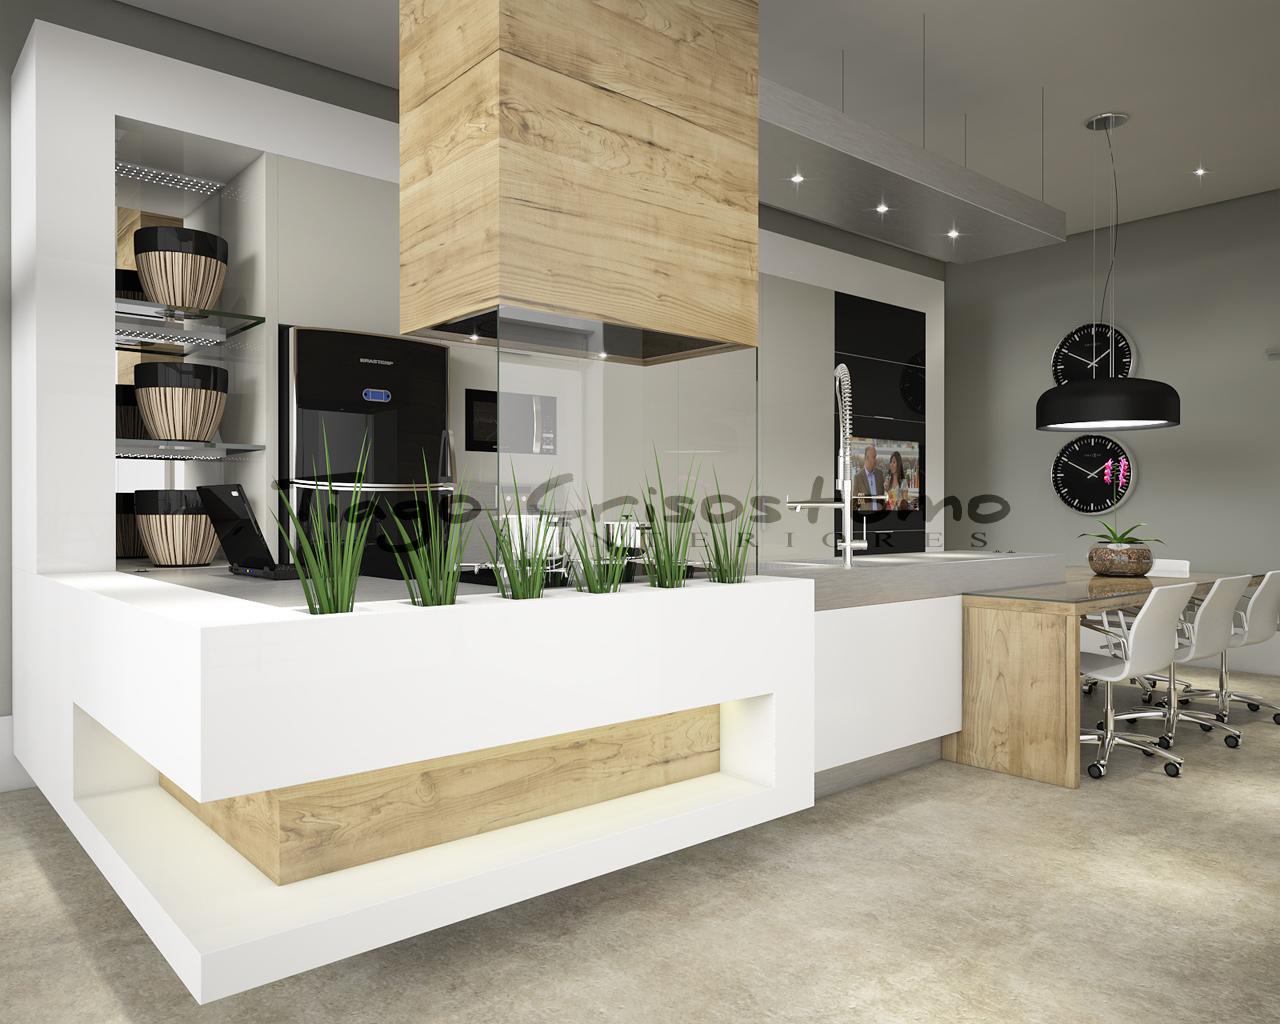 Projetos concluídos Cozinha em estilo italiano SketchUp Brasil #4B6134 1280 1024